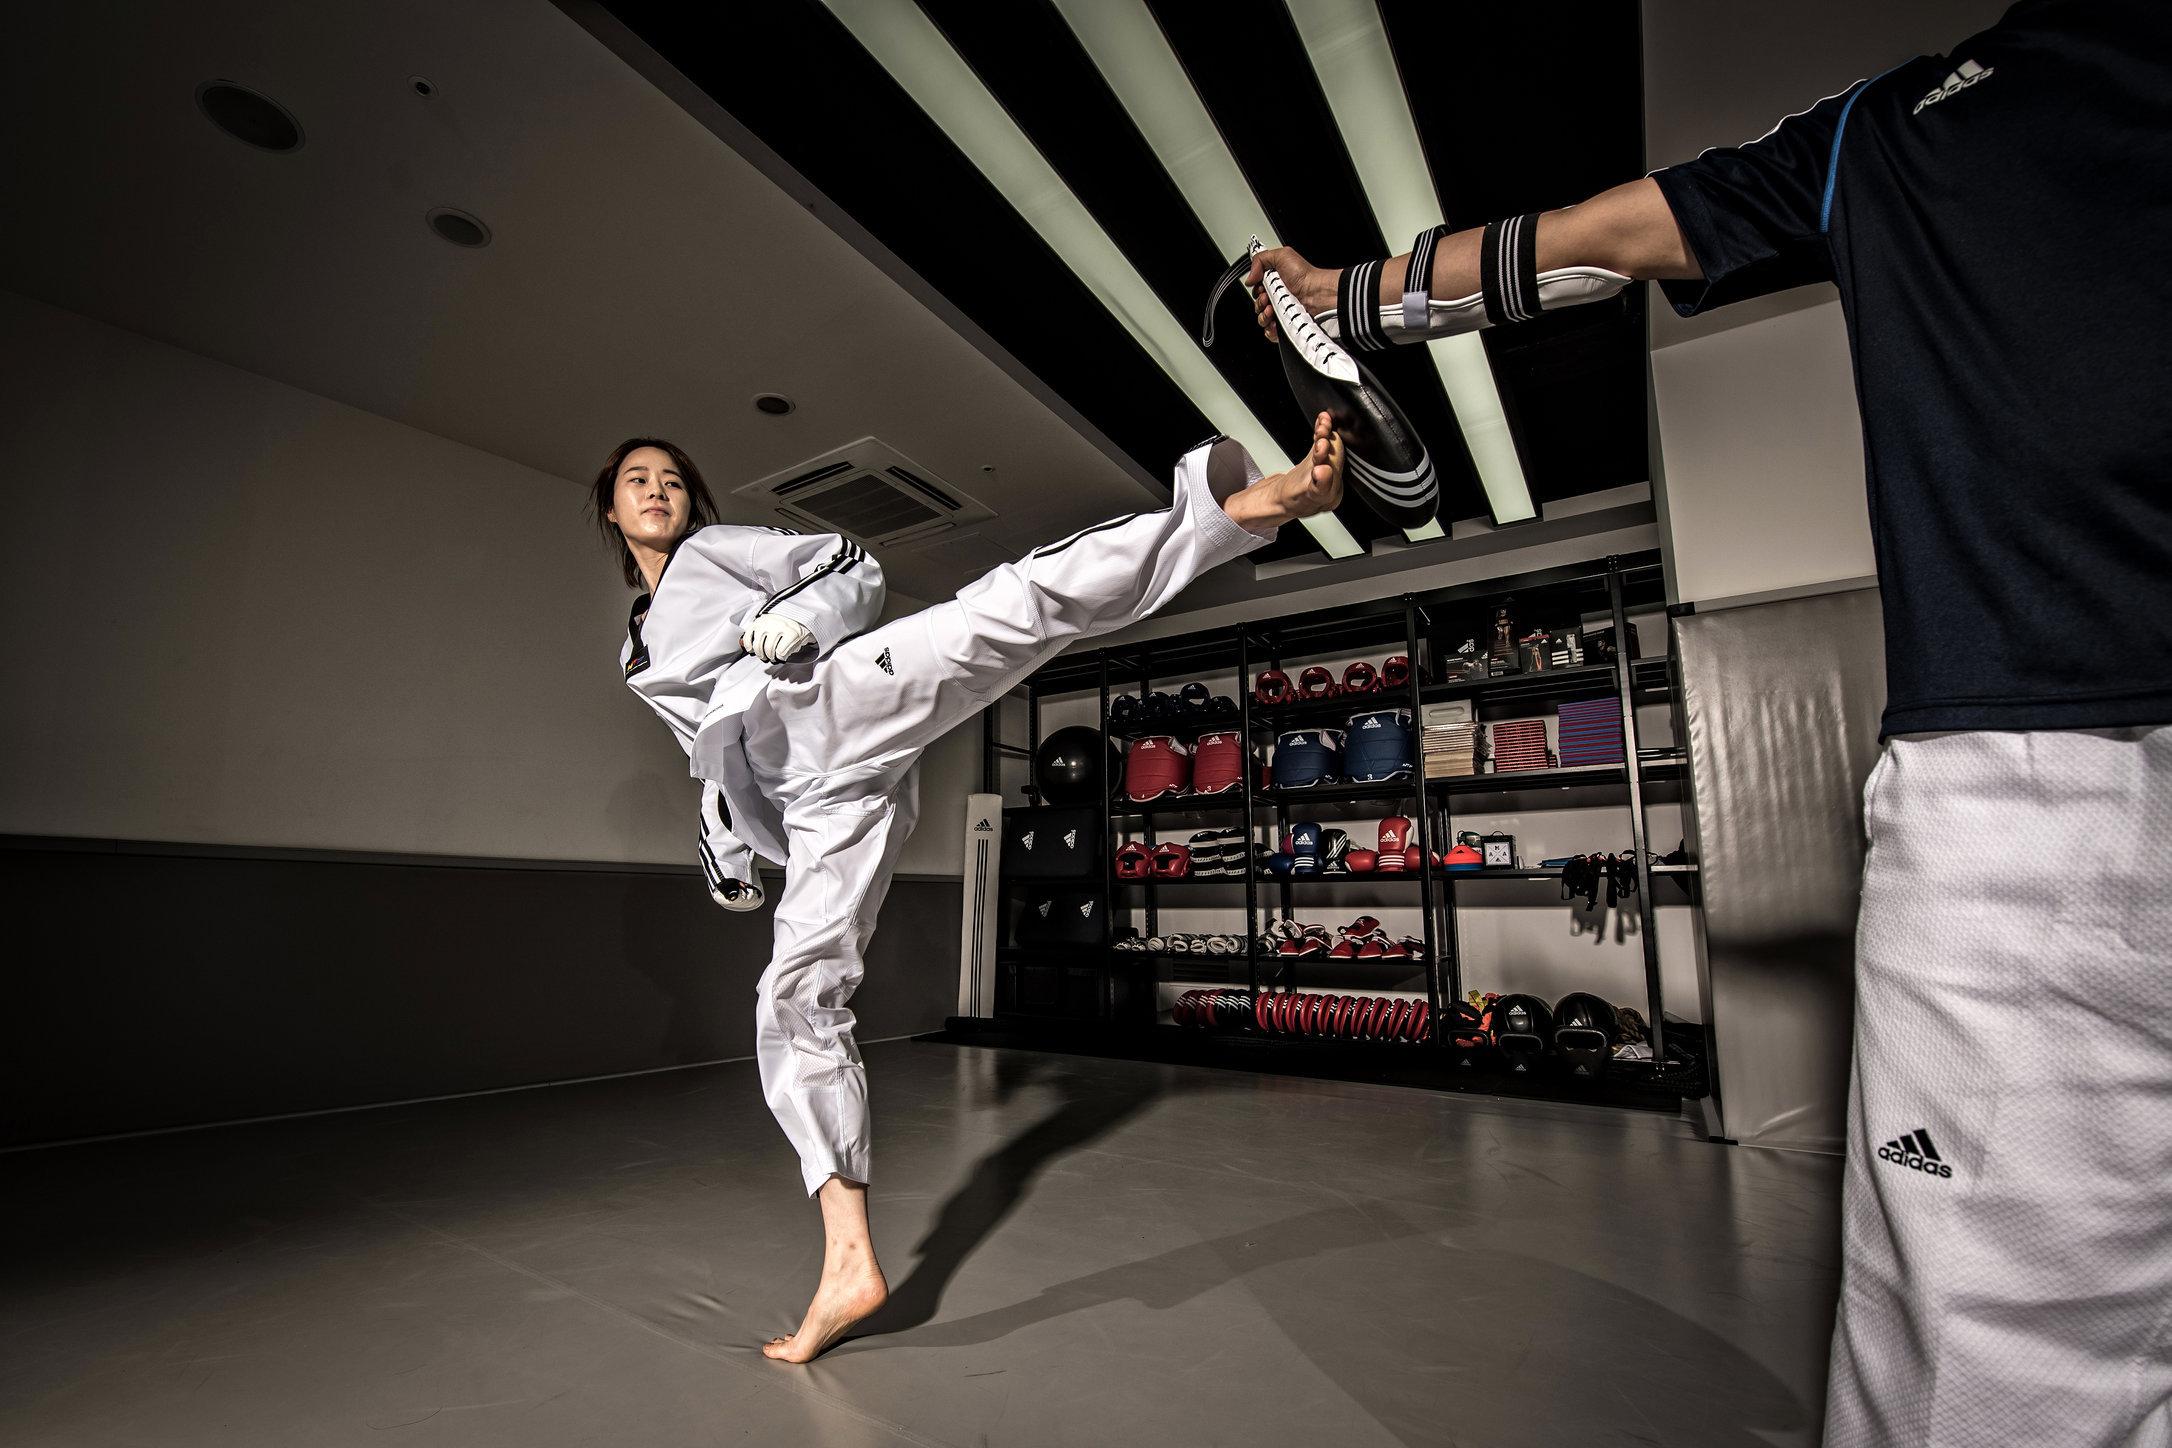 Taekwondo_021.jpg